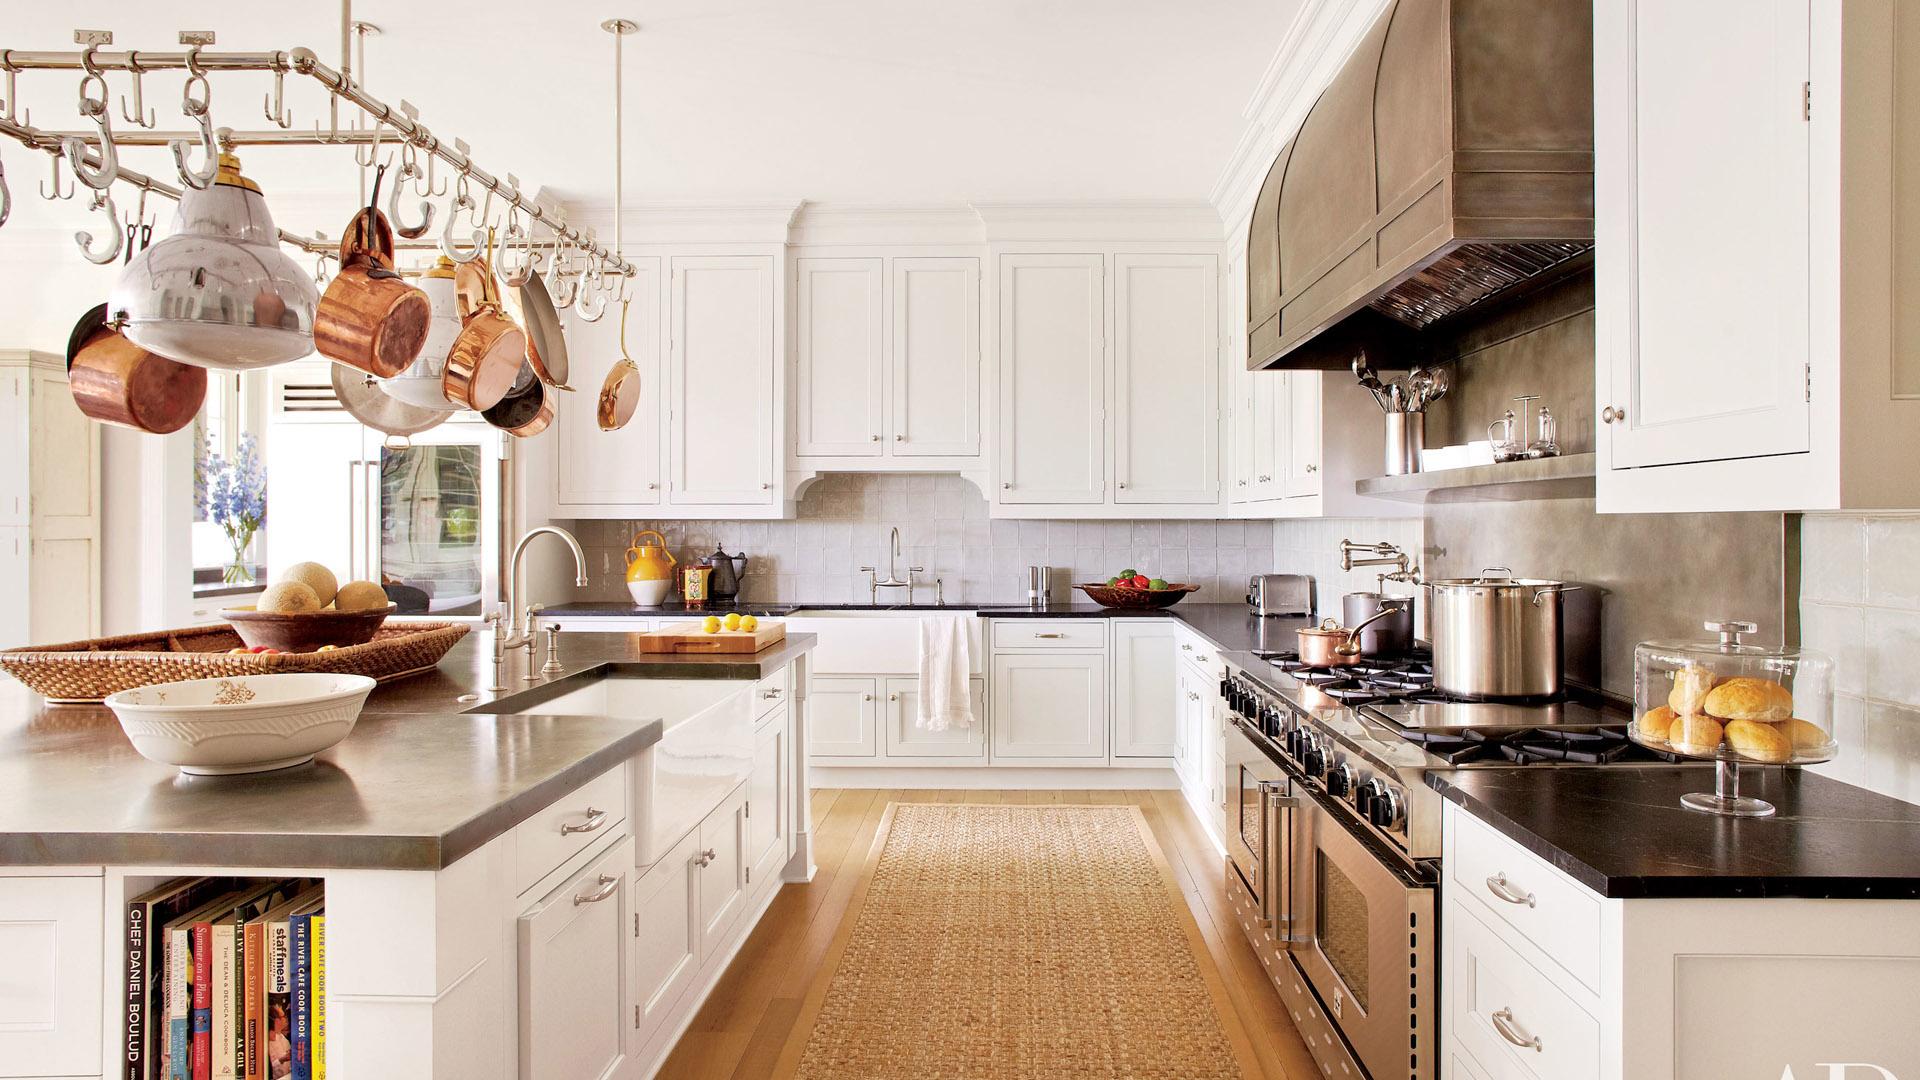 rénovation cuisine, rénovation renouveau